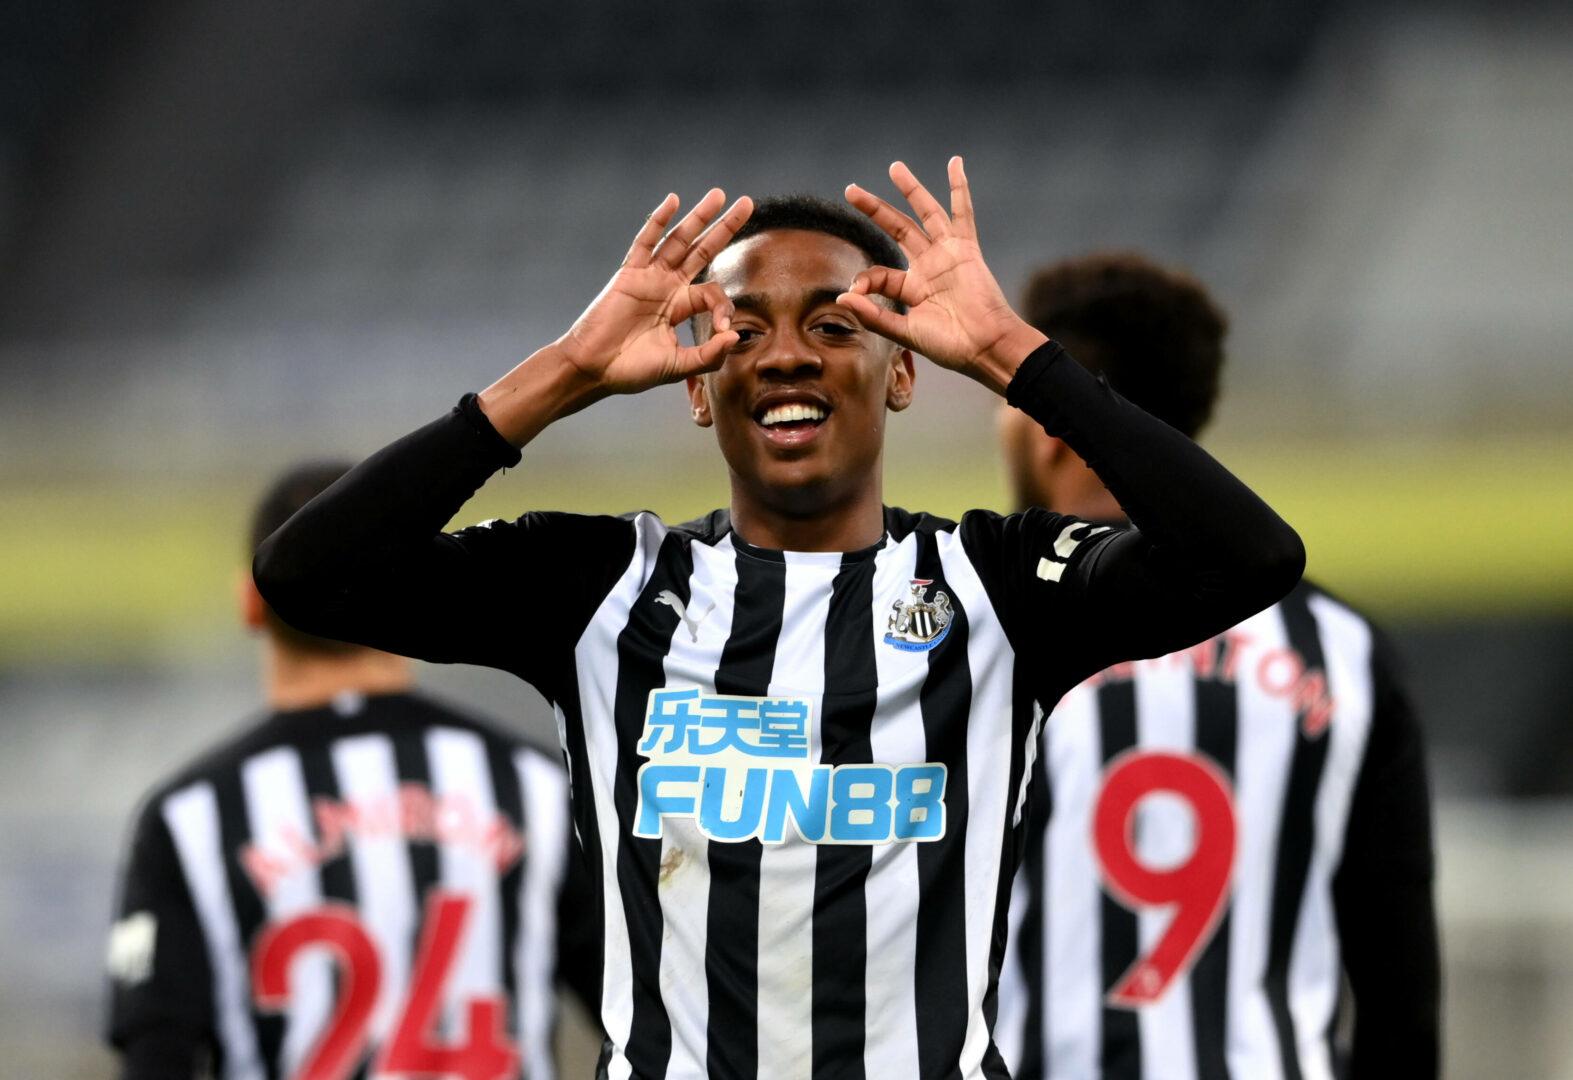 Newcastle weiter mit Interesse an Willock